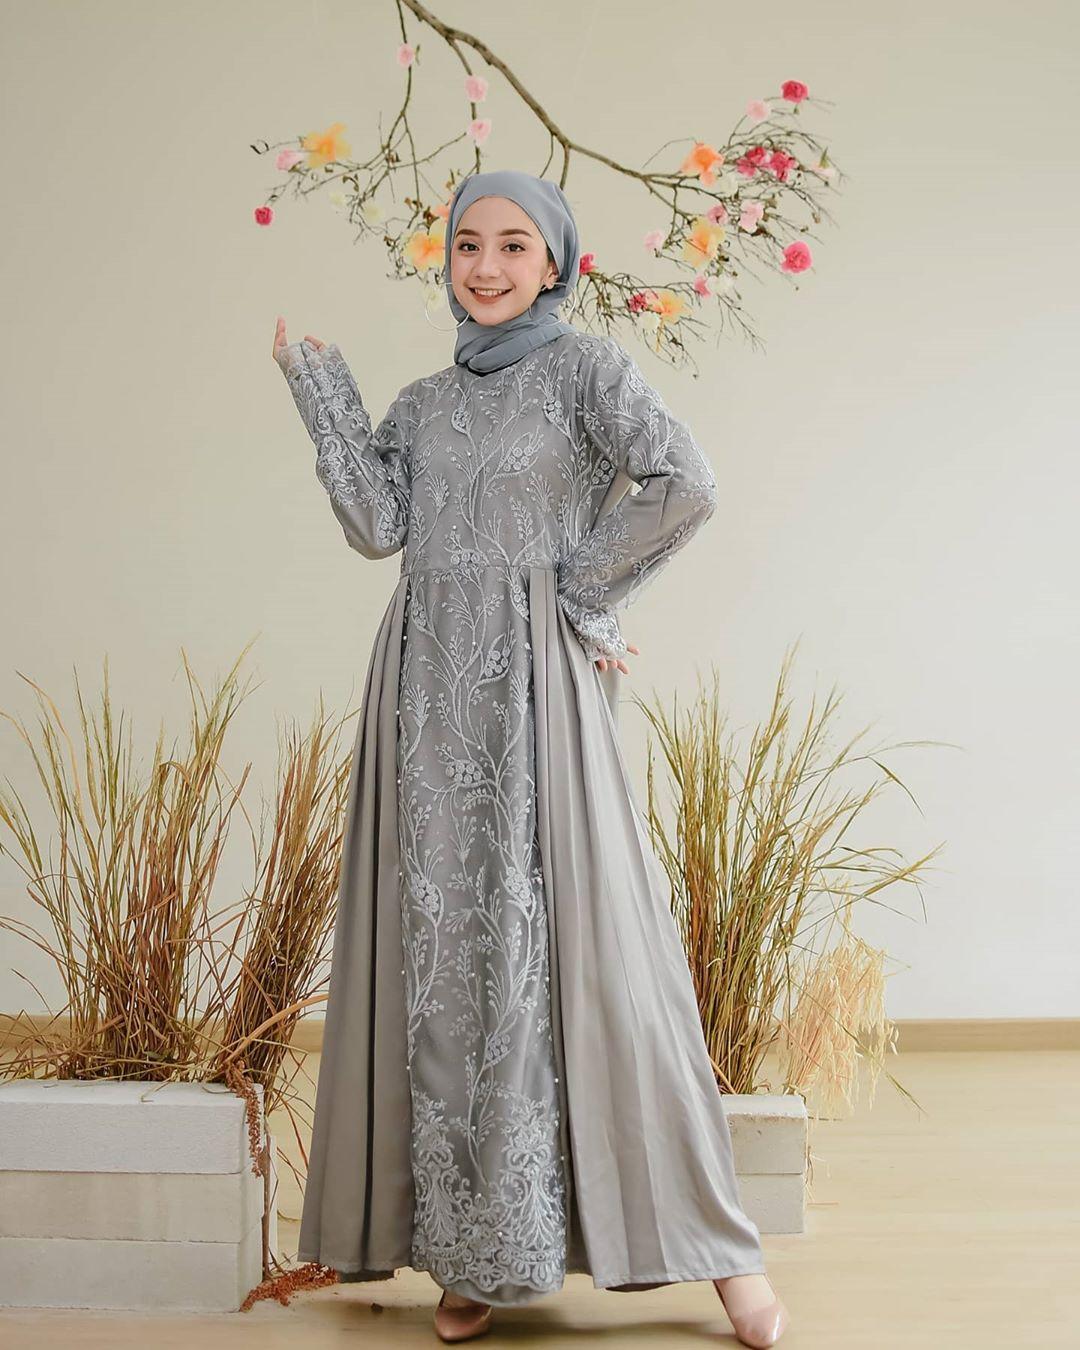 Azzava Dress Model Gamis Brokat Modern Untuk Remaja Fashion Hijab Syar I Remaja Gaun Pesta Muslim Elegan Dan Mewah Baju Gamis Wanita Model Terbaru 2020 Lebaran Gamis Syari